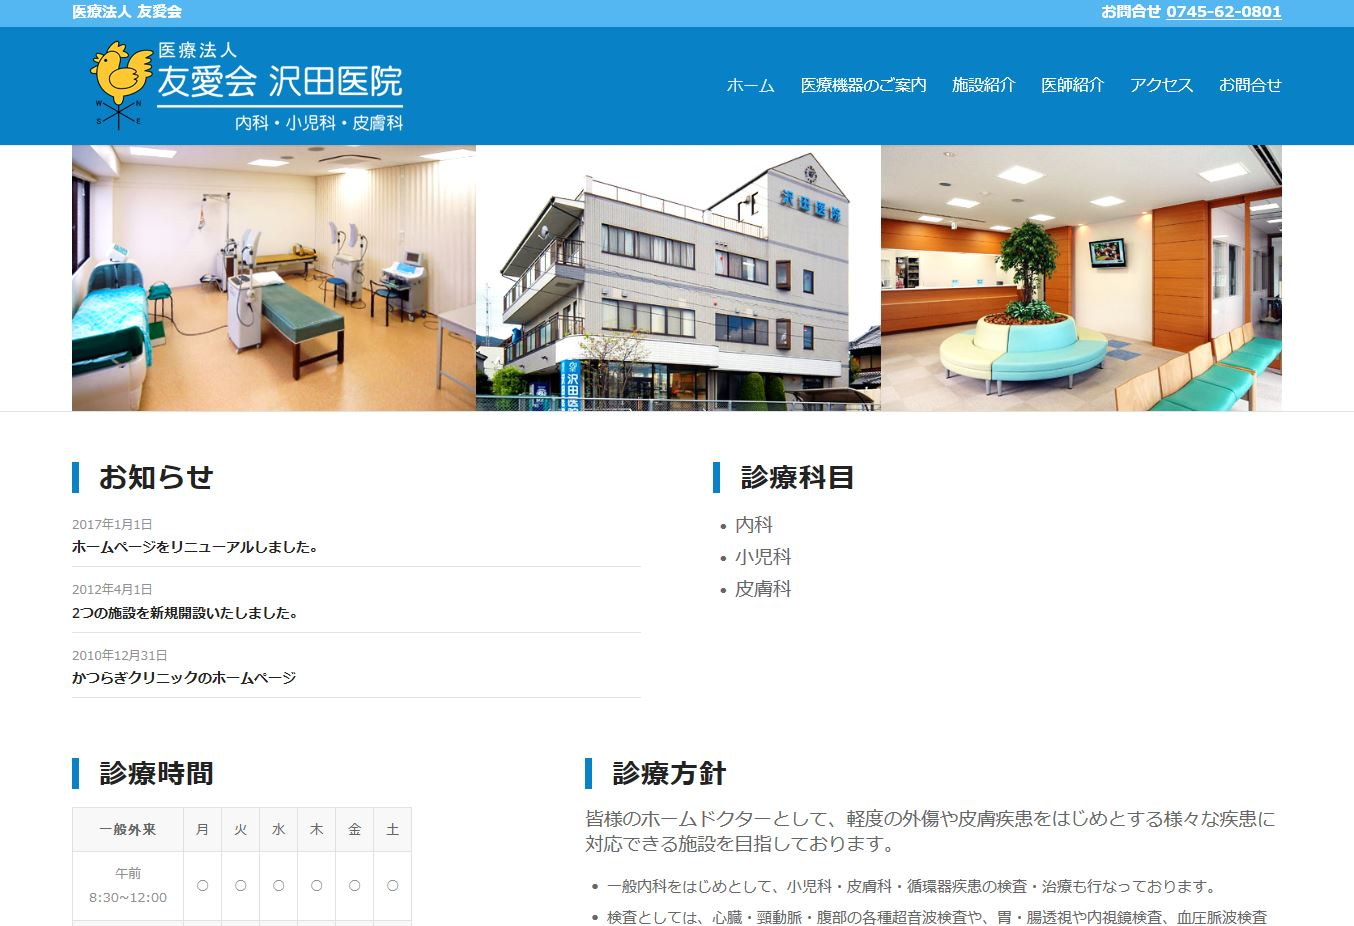 友愛会 沢田医院(奈良県御所市)